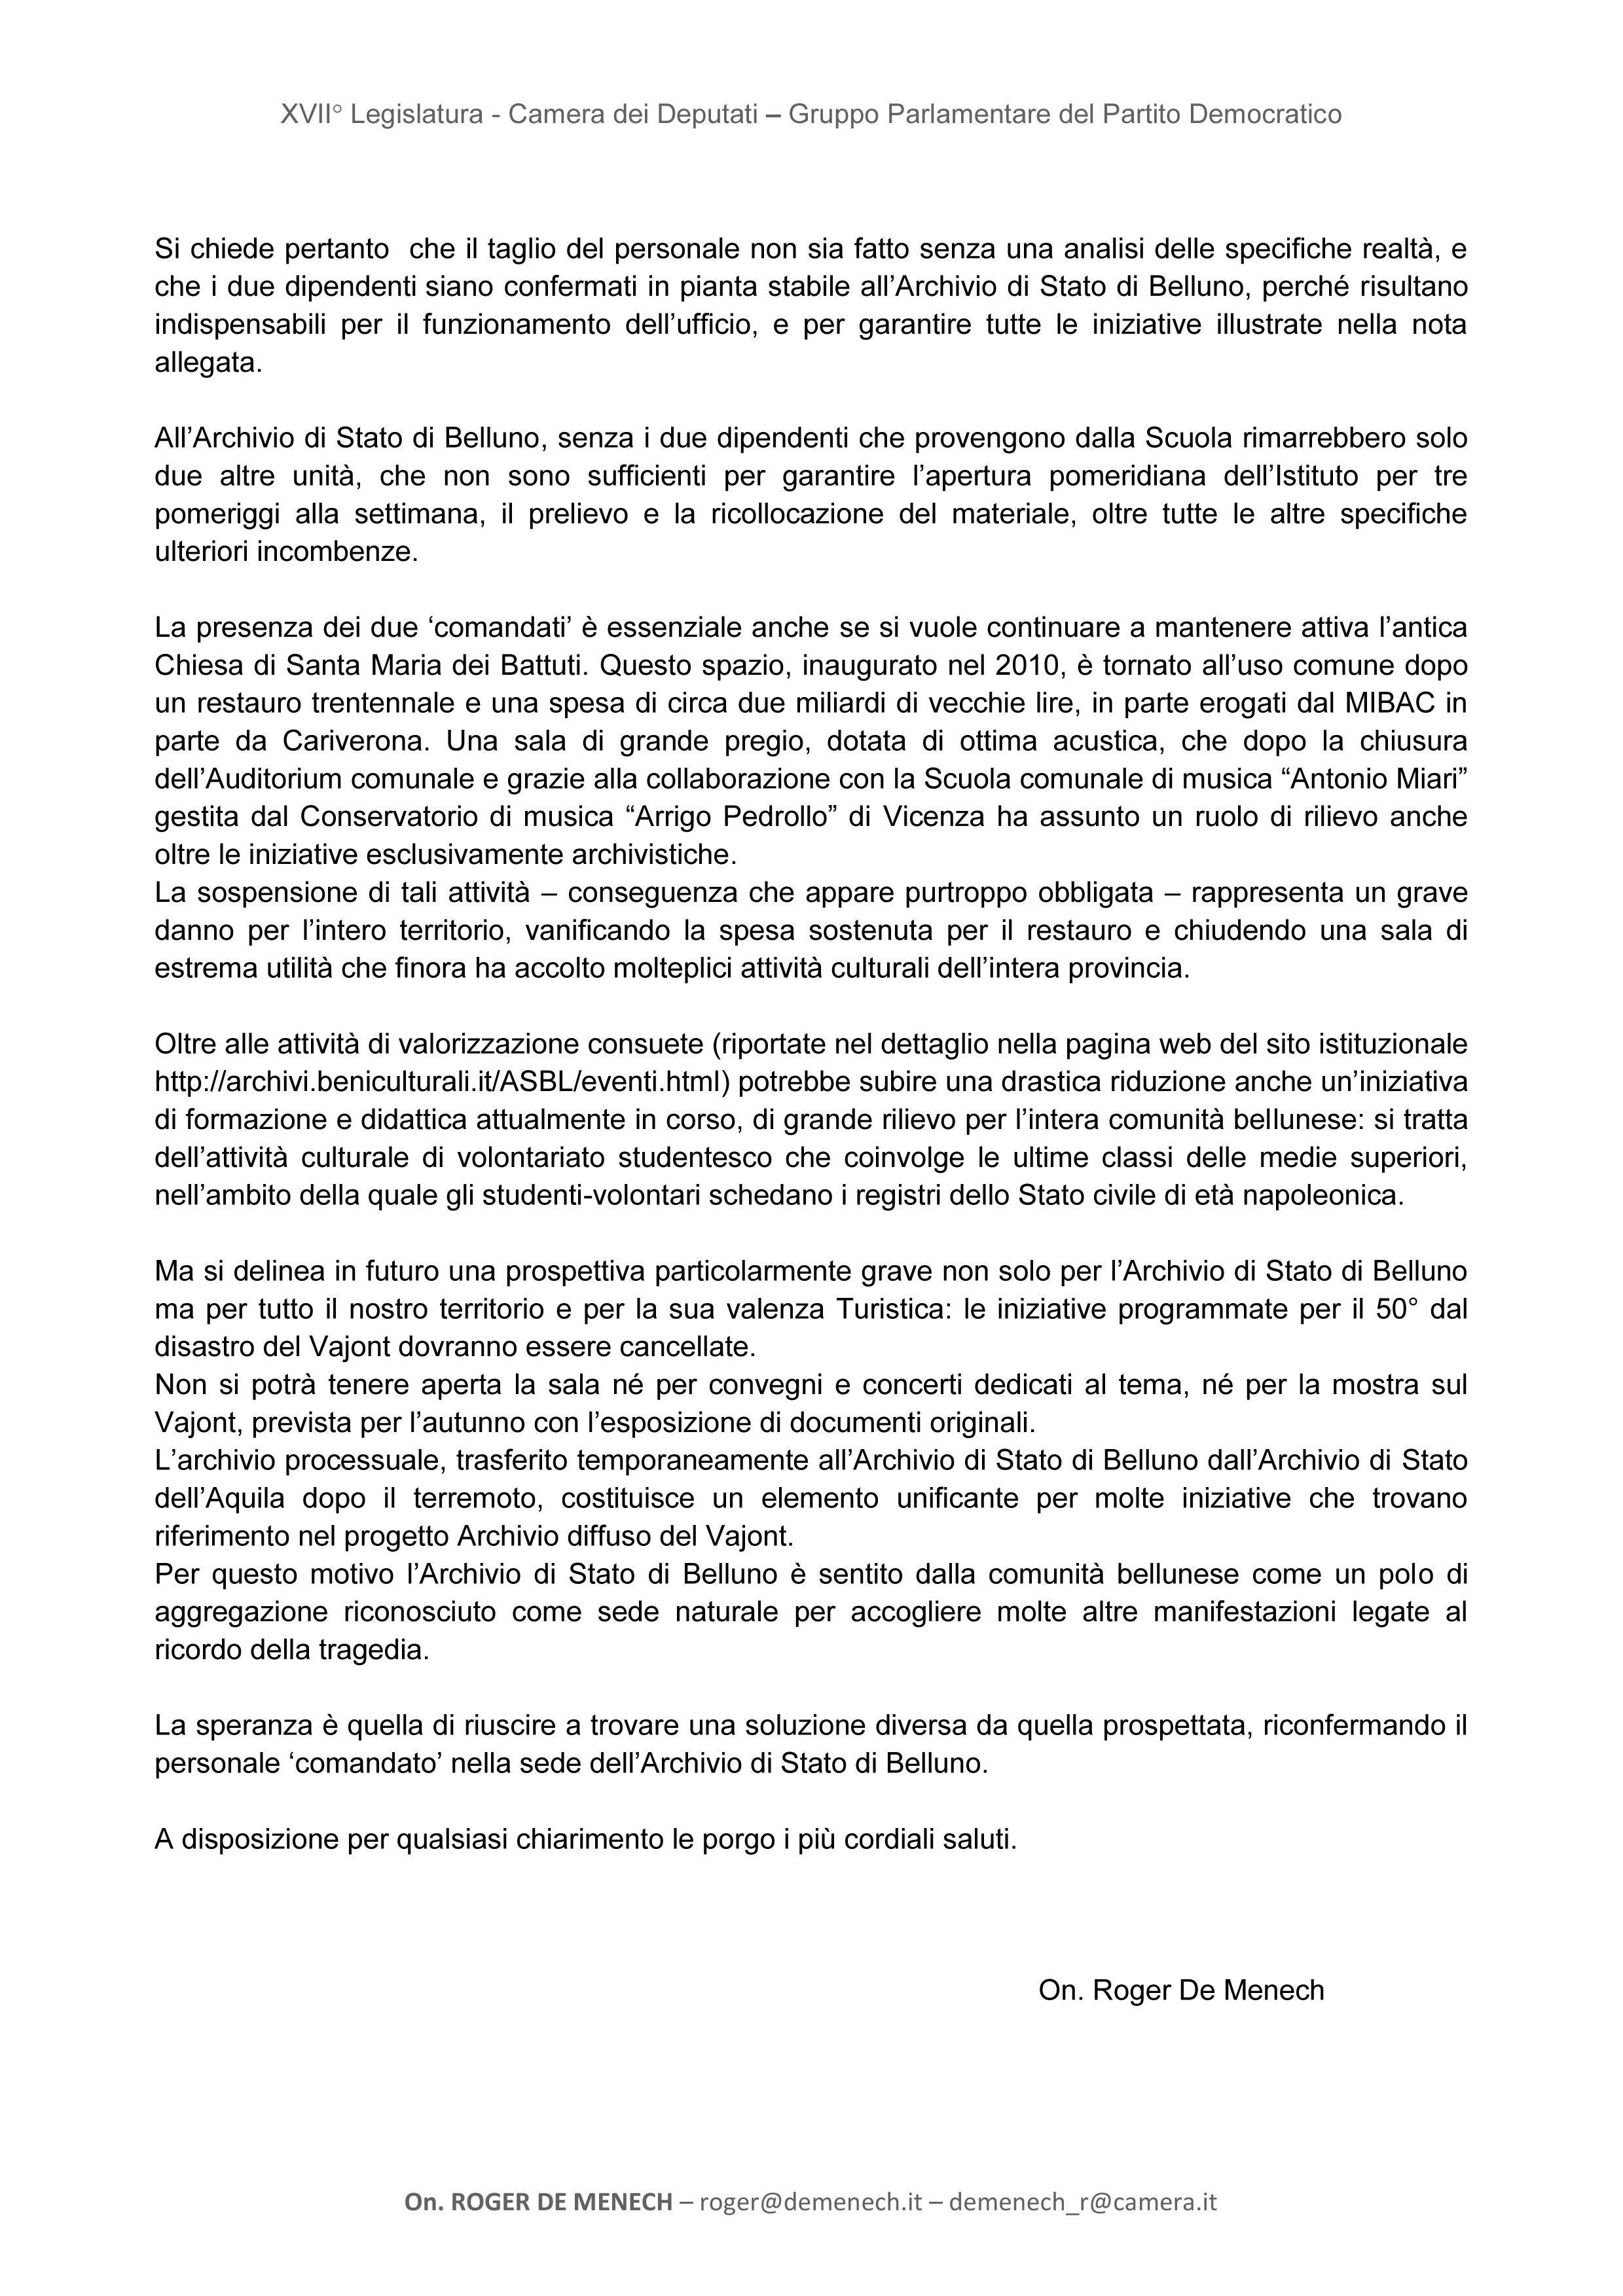 Lettera-Ministro-Bray---ARCHIVIO-DI-STATO-Belluno-2